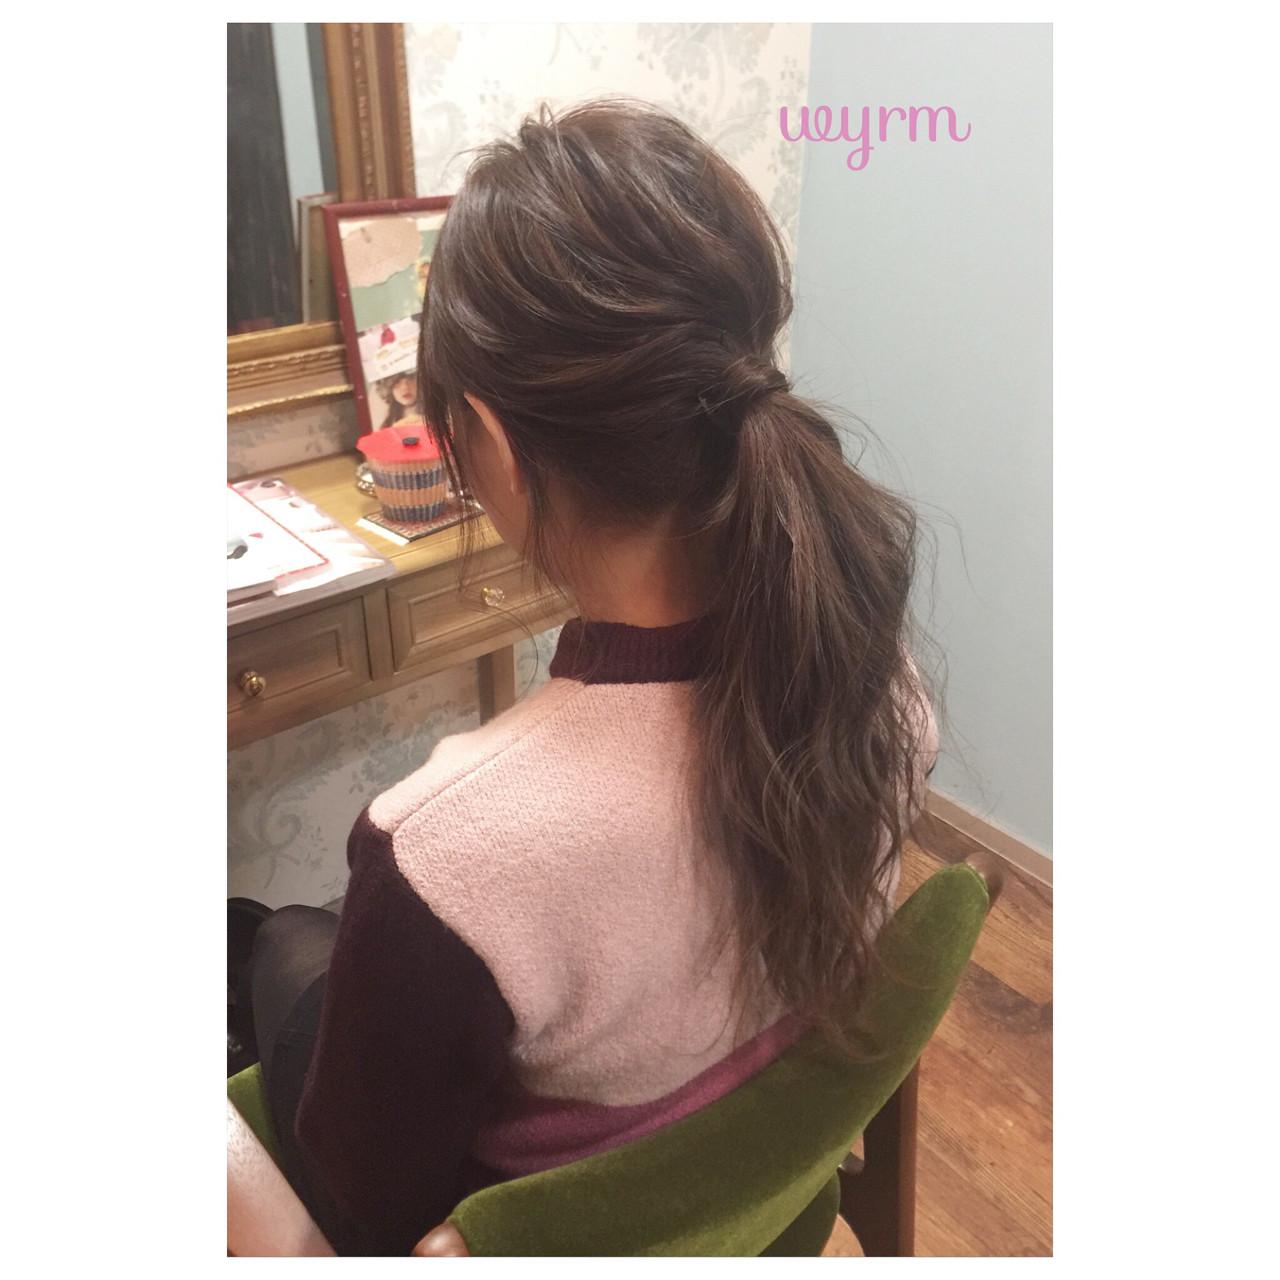 ゆるふわ 大人女子 小顔 ガーリー ヘアスタイルや髪型の写真・画像 | eeko(miyuki nakamura) / vamp diva wyrm